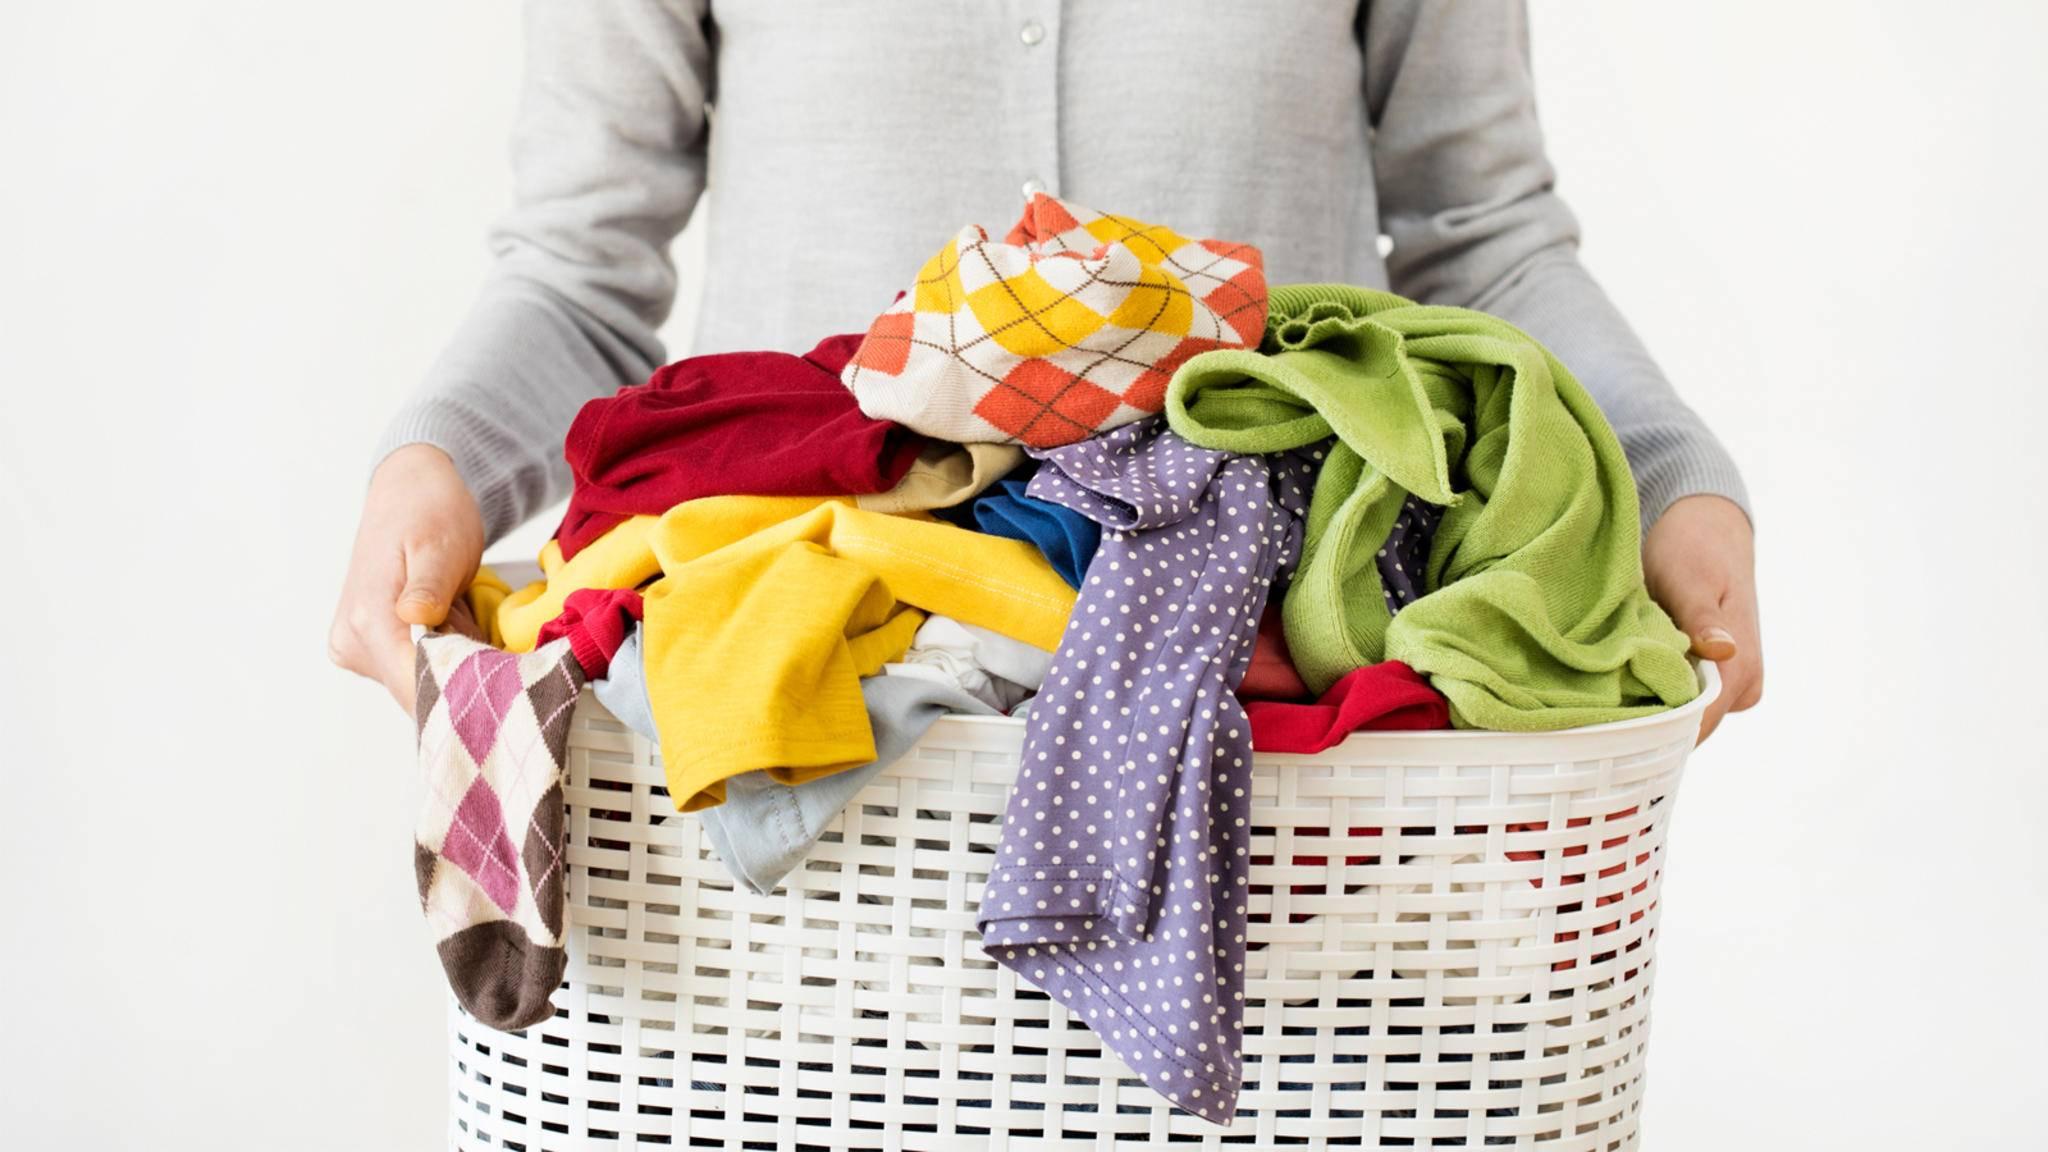 Beim Thema Wäschewaschen kennt die Fantasie teilweise keine Grenzen. Fall nicht auf falsche Tipps herein!